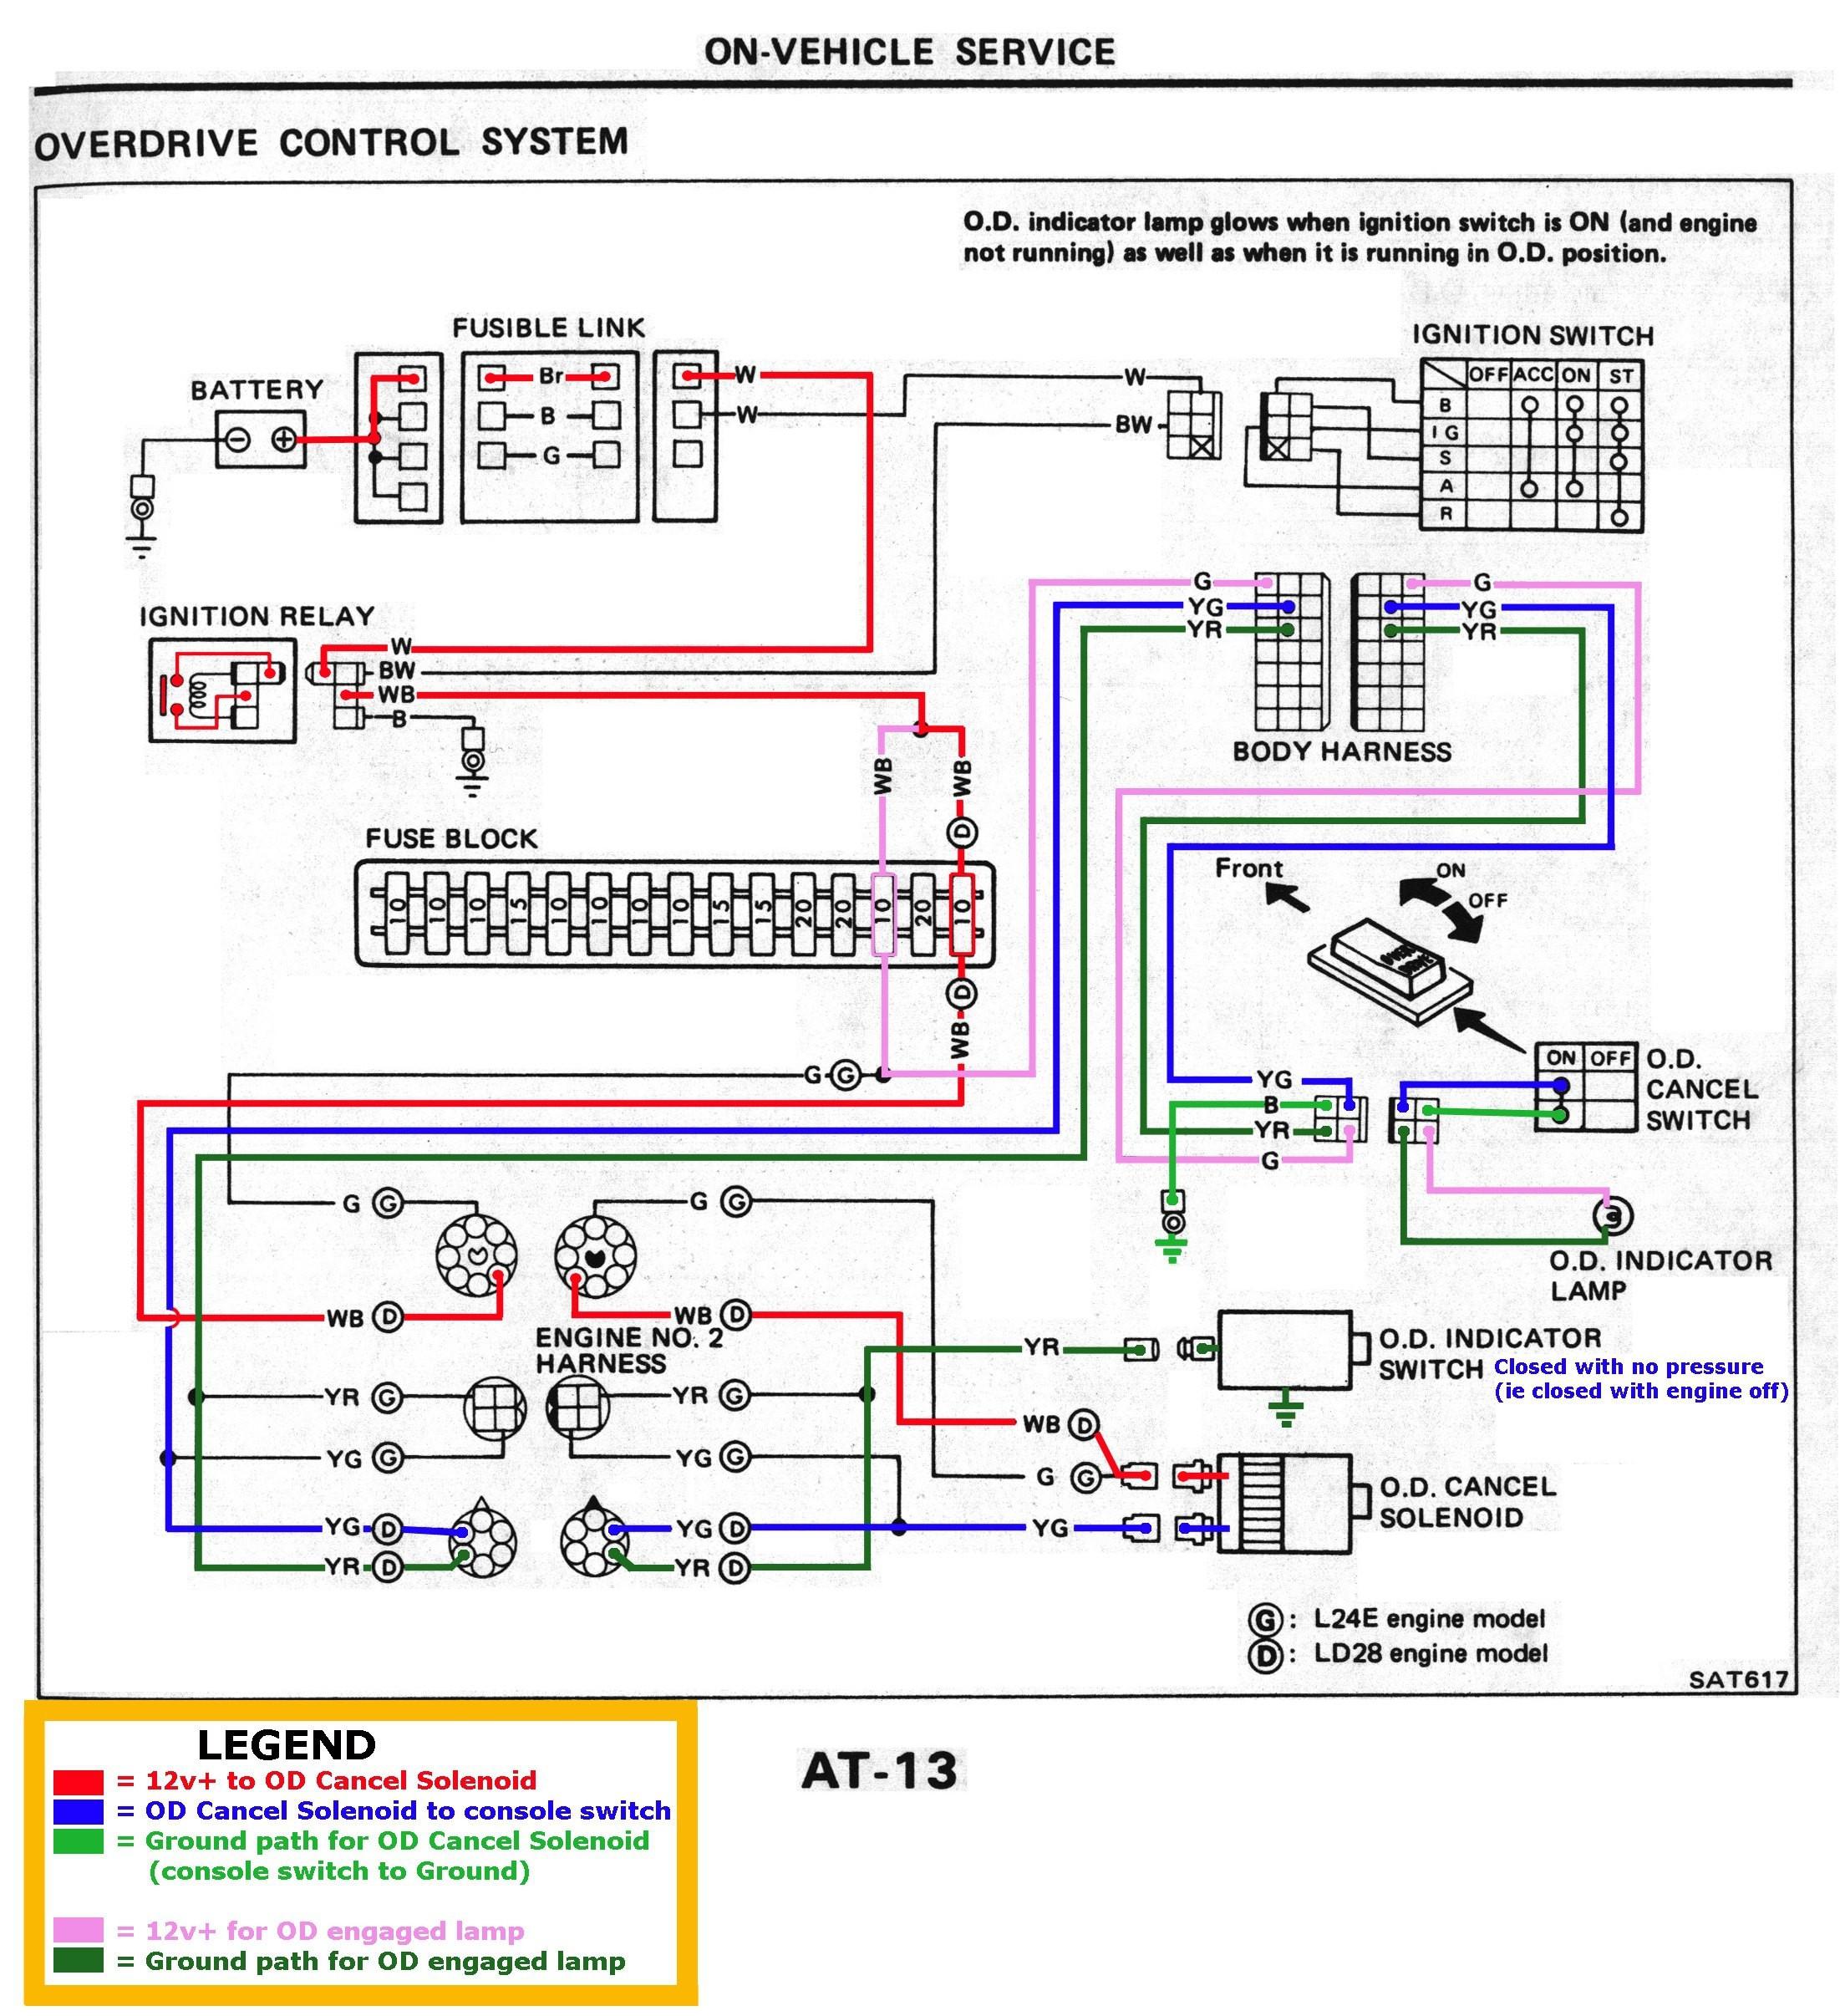 mini split wiring diagram Download-Wiring Diagram Ductable Ac Valid Wiring Diagram Split Ac & Okyotech 3d Mini Split 19-i